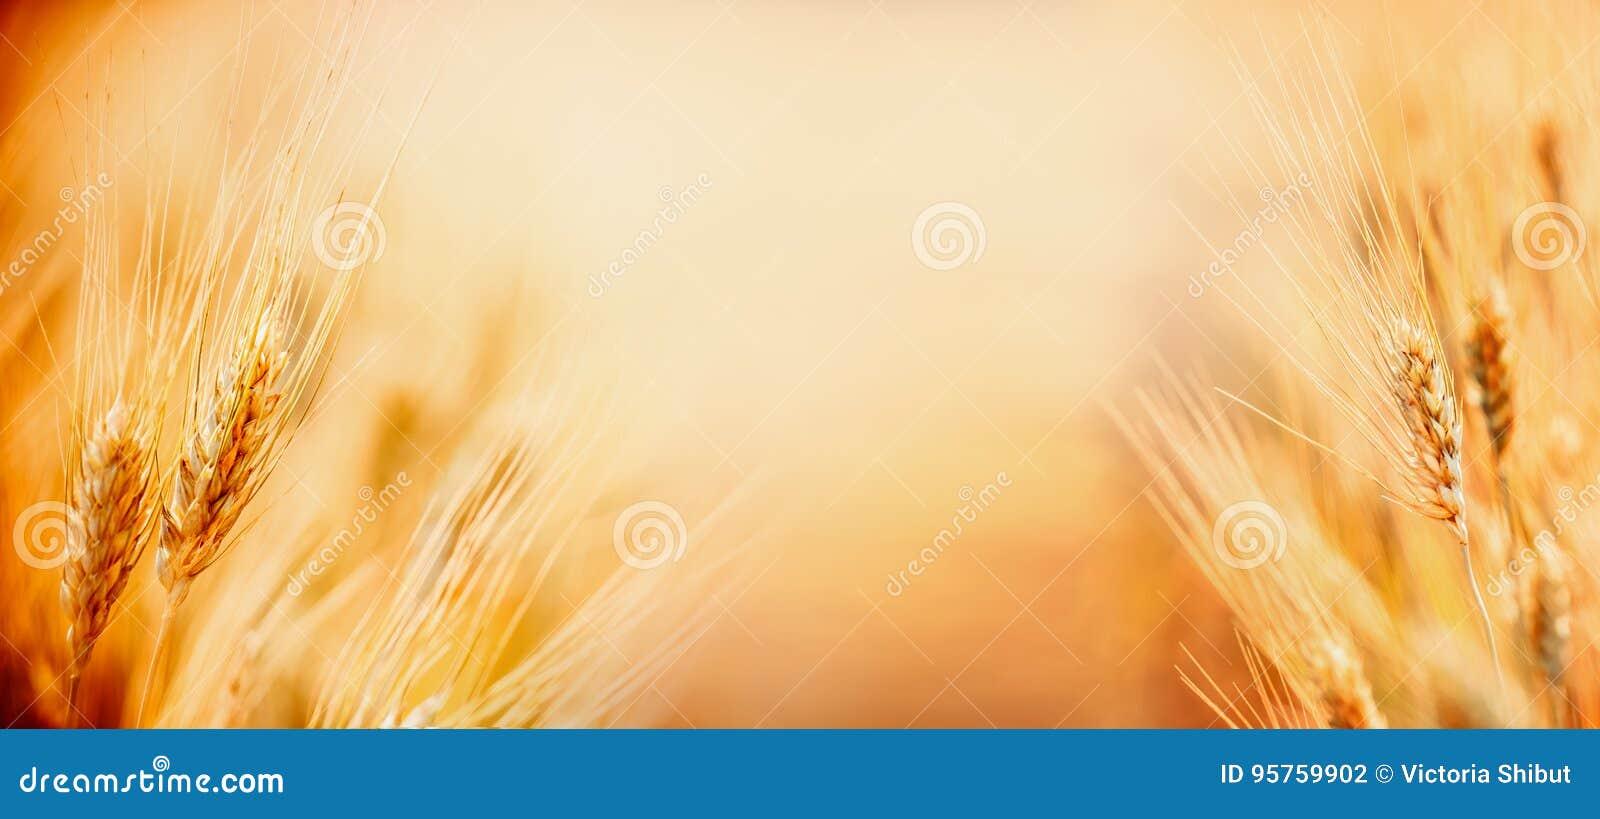 Beau fond de nature avec la fin des oreilles du blé mûr sur le gisement de céréale, endroit pour la fin des textes, renommée Ferm